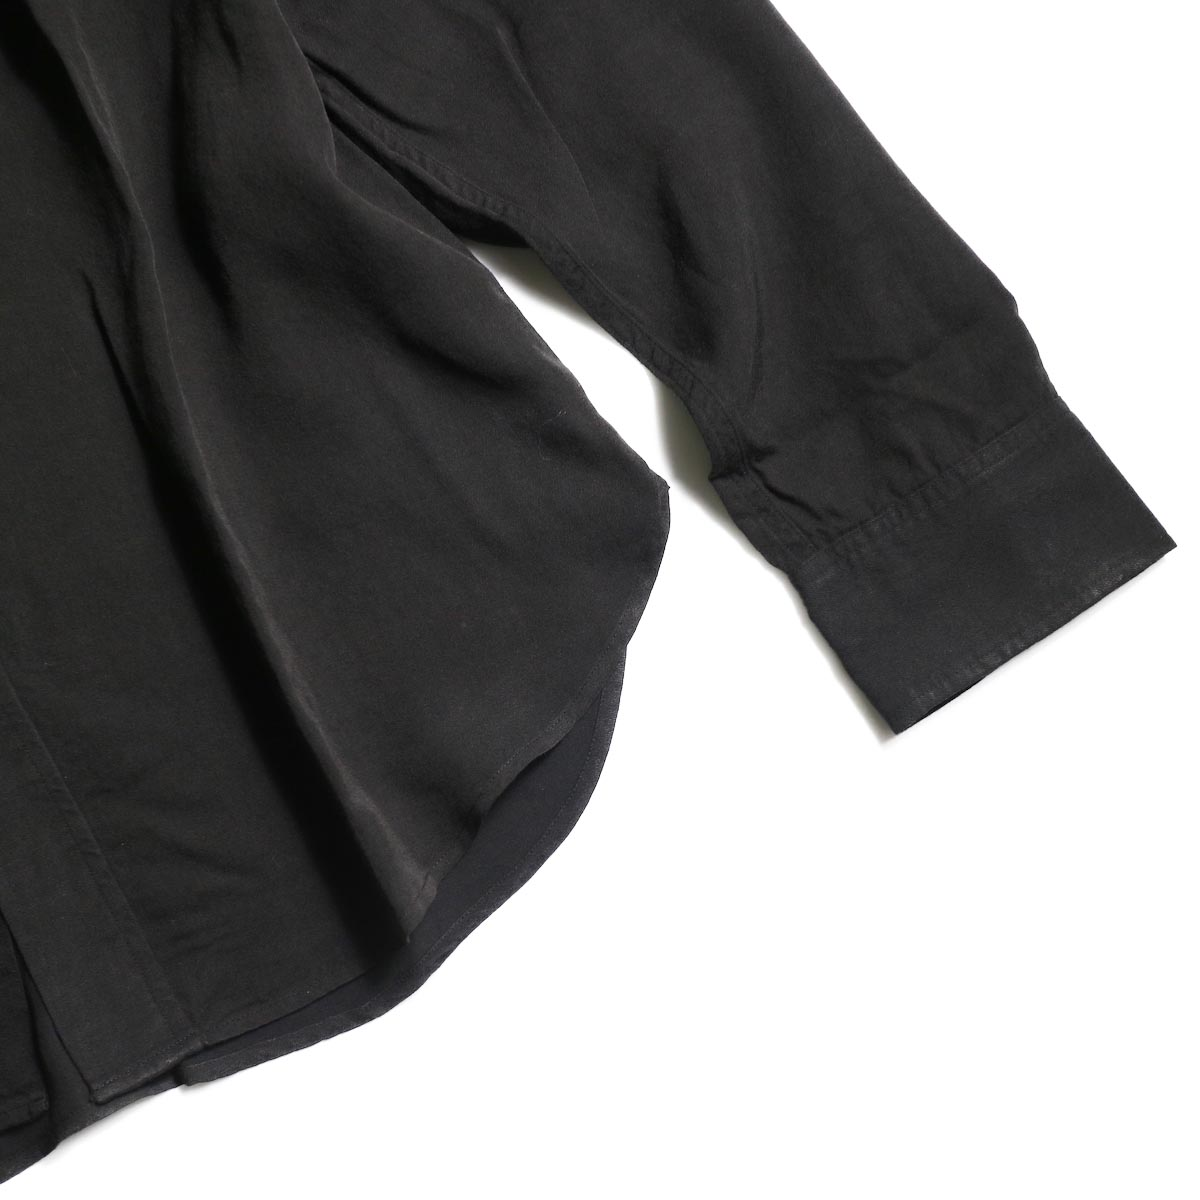 visvim / MAINSAIL SHIRT L/S (RAYON) (Black)裾、袖